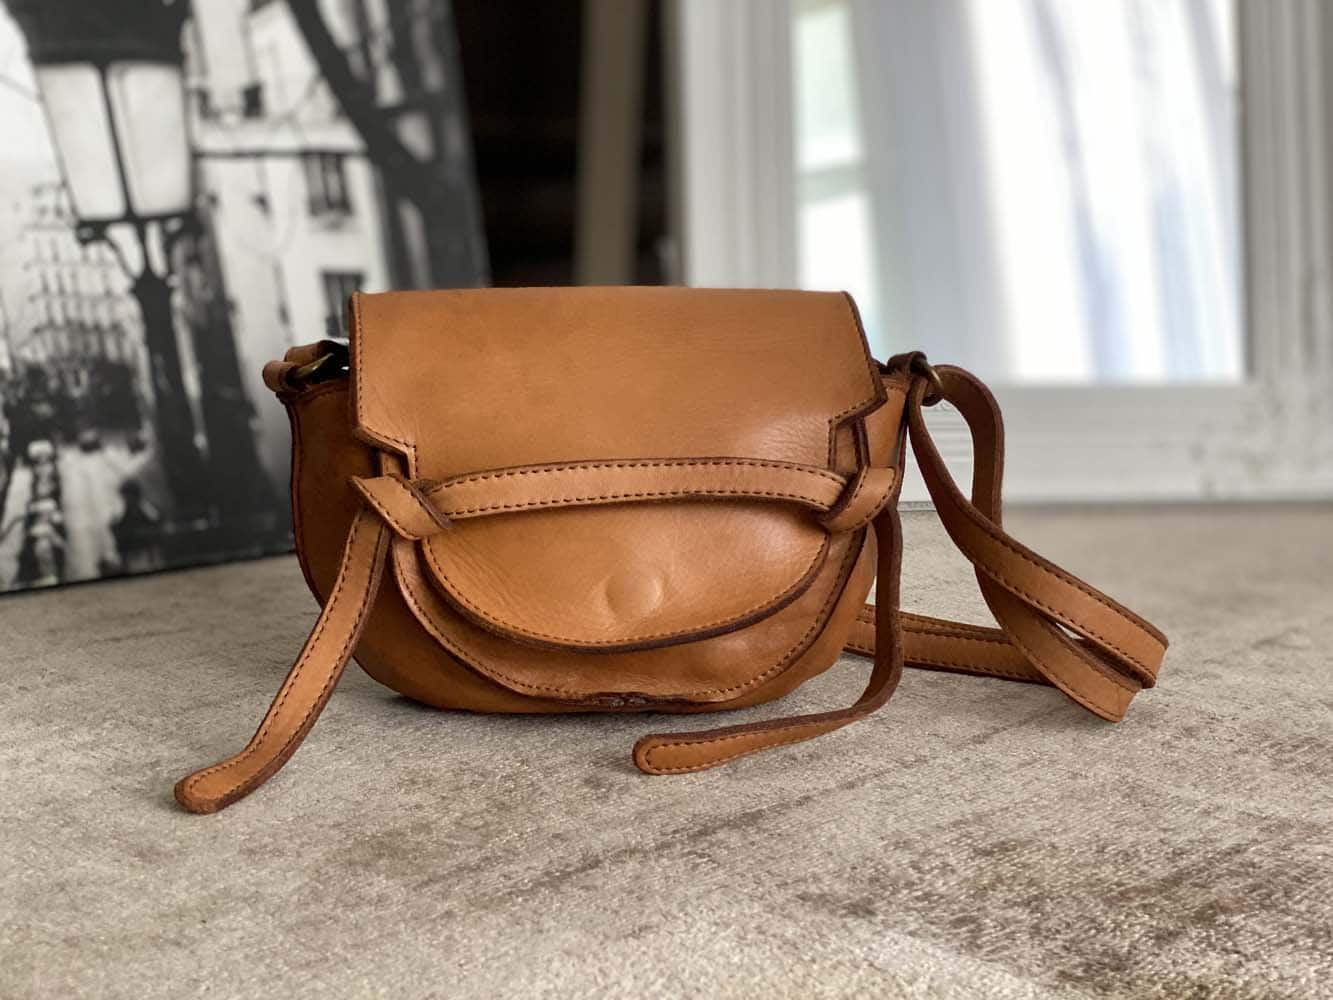 petit sac cuir vieilli camel